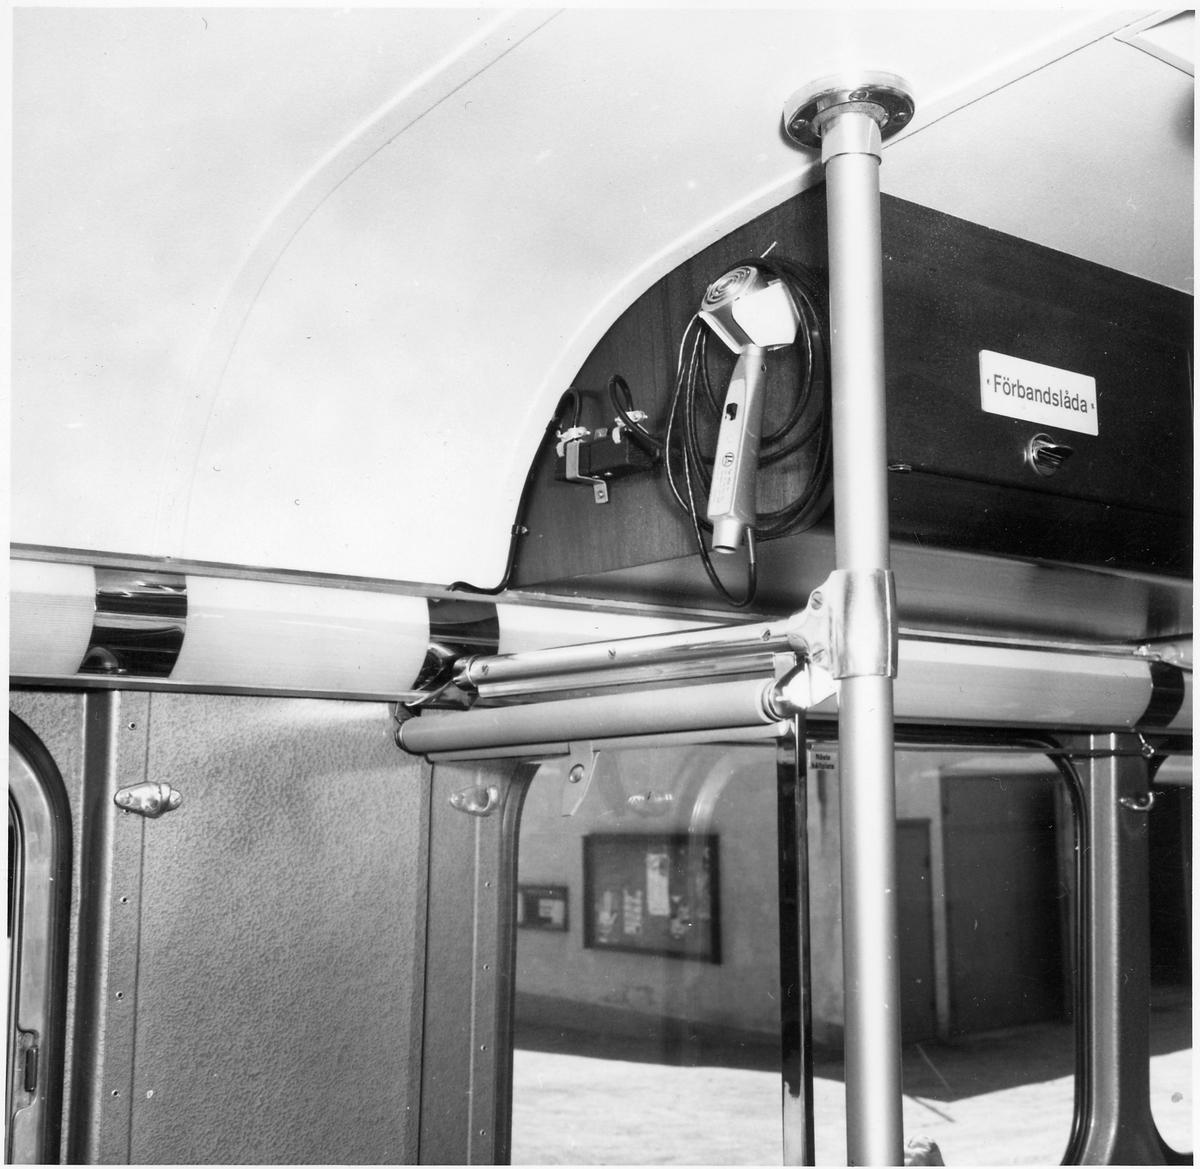 Interiör från en buss. Mikrofon för högtalarsystem.